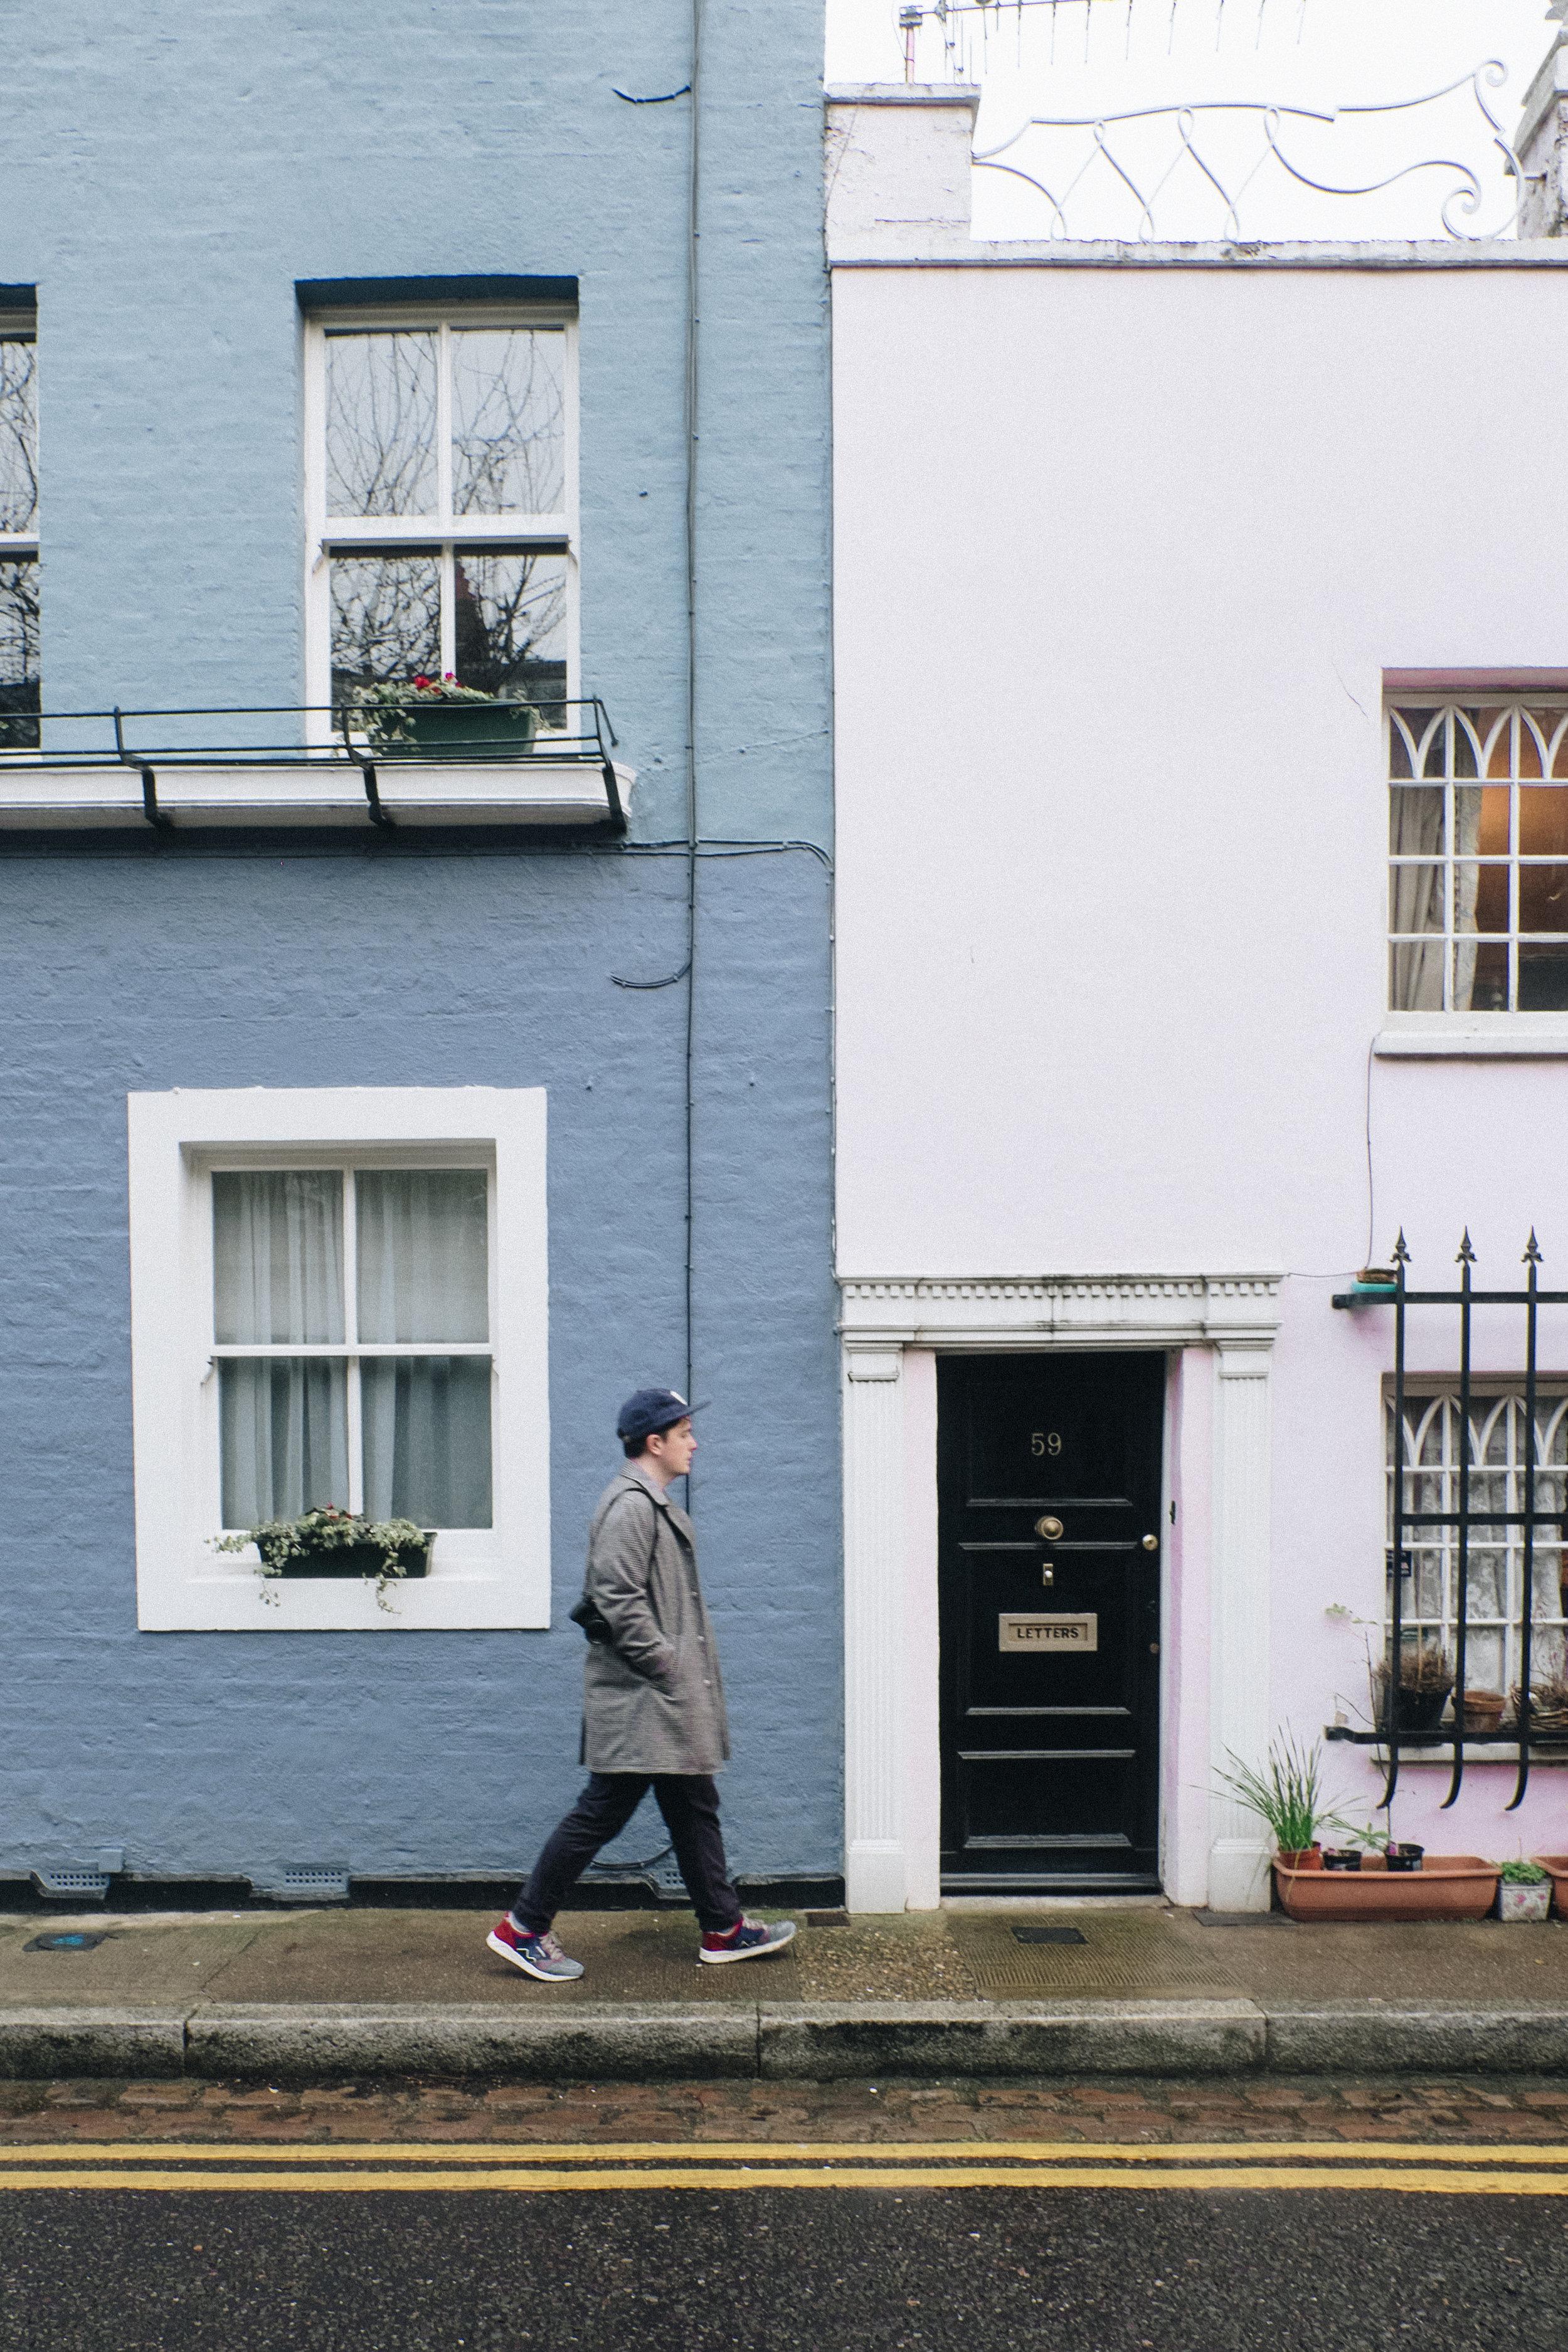 20170108_London32.jpg